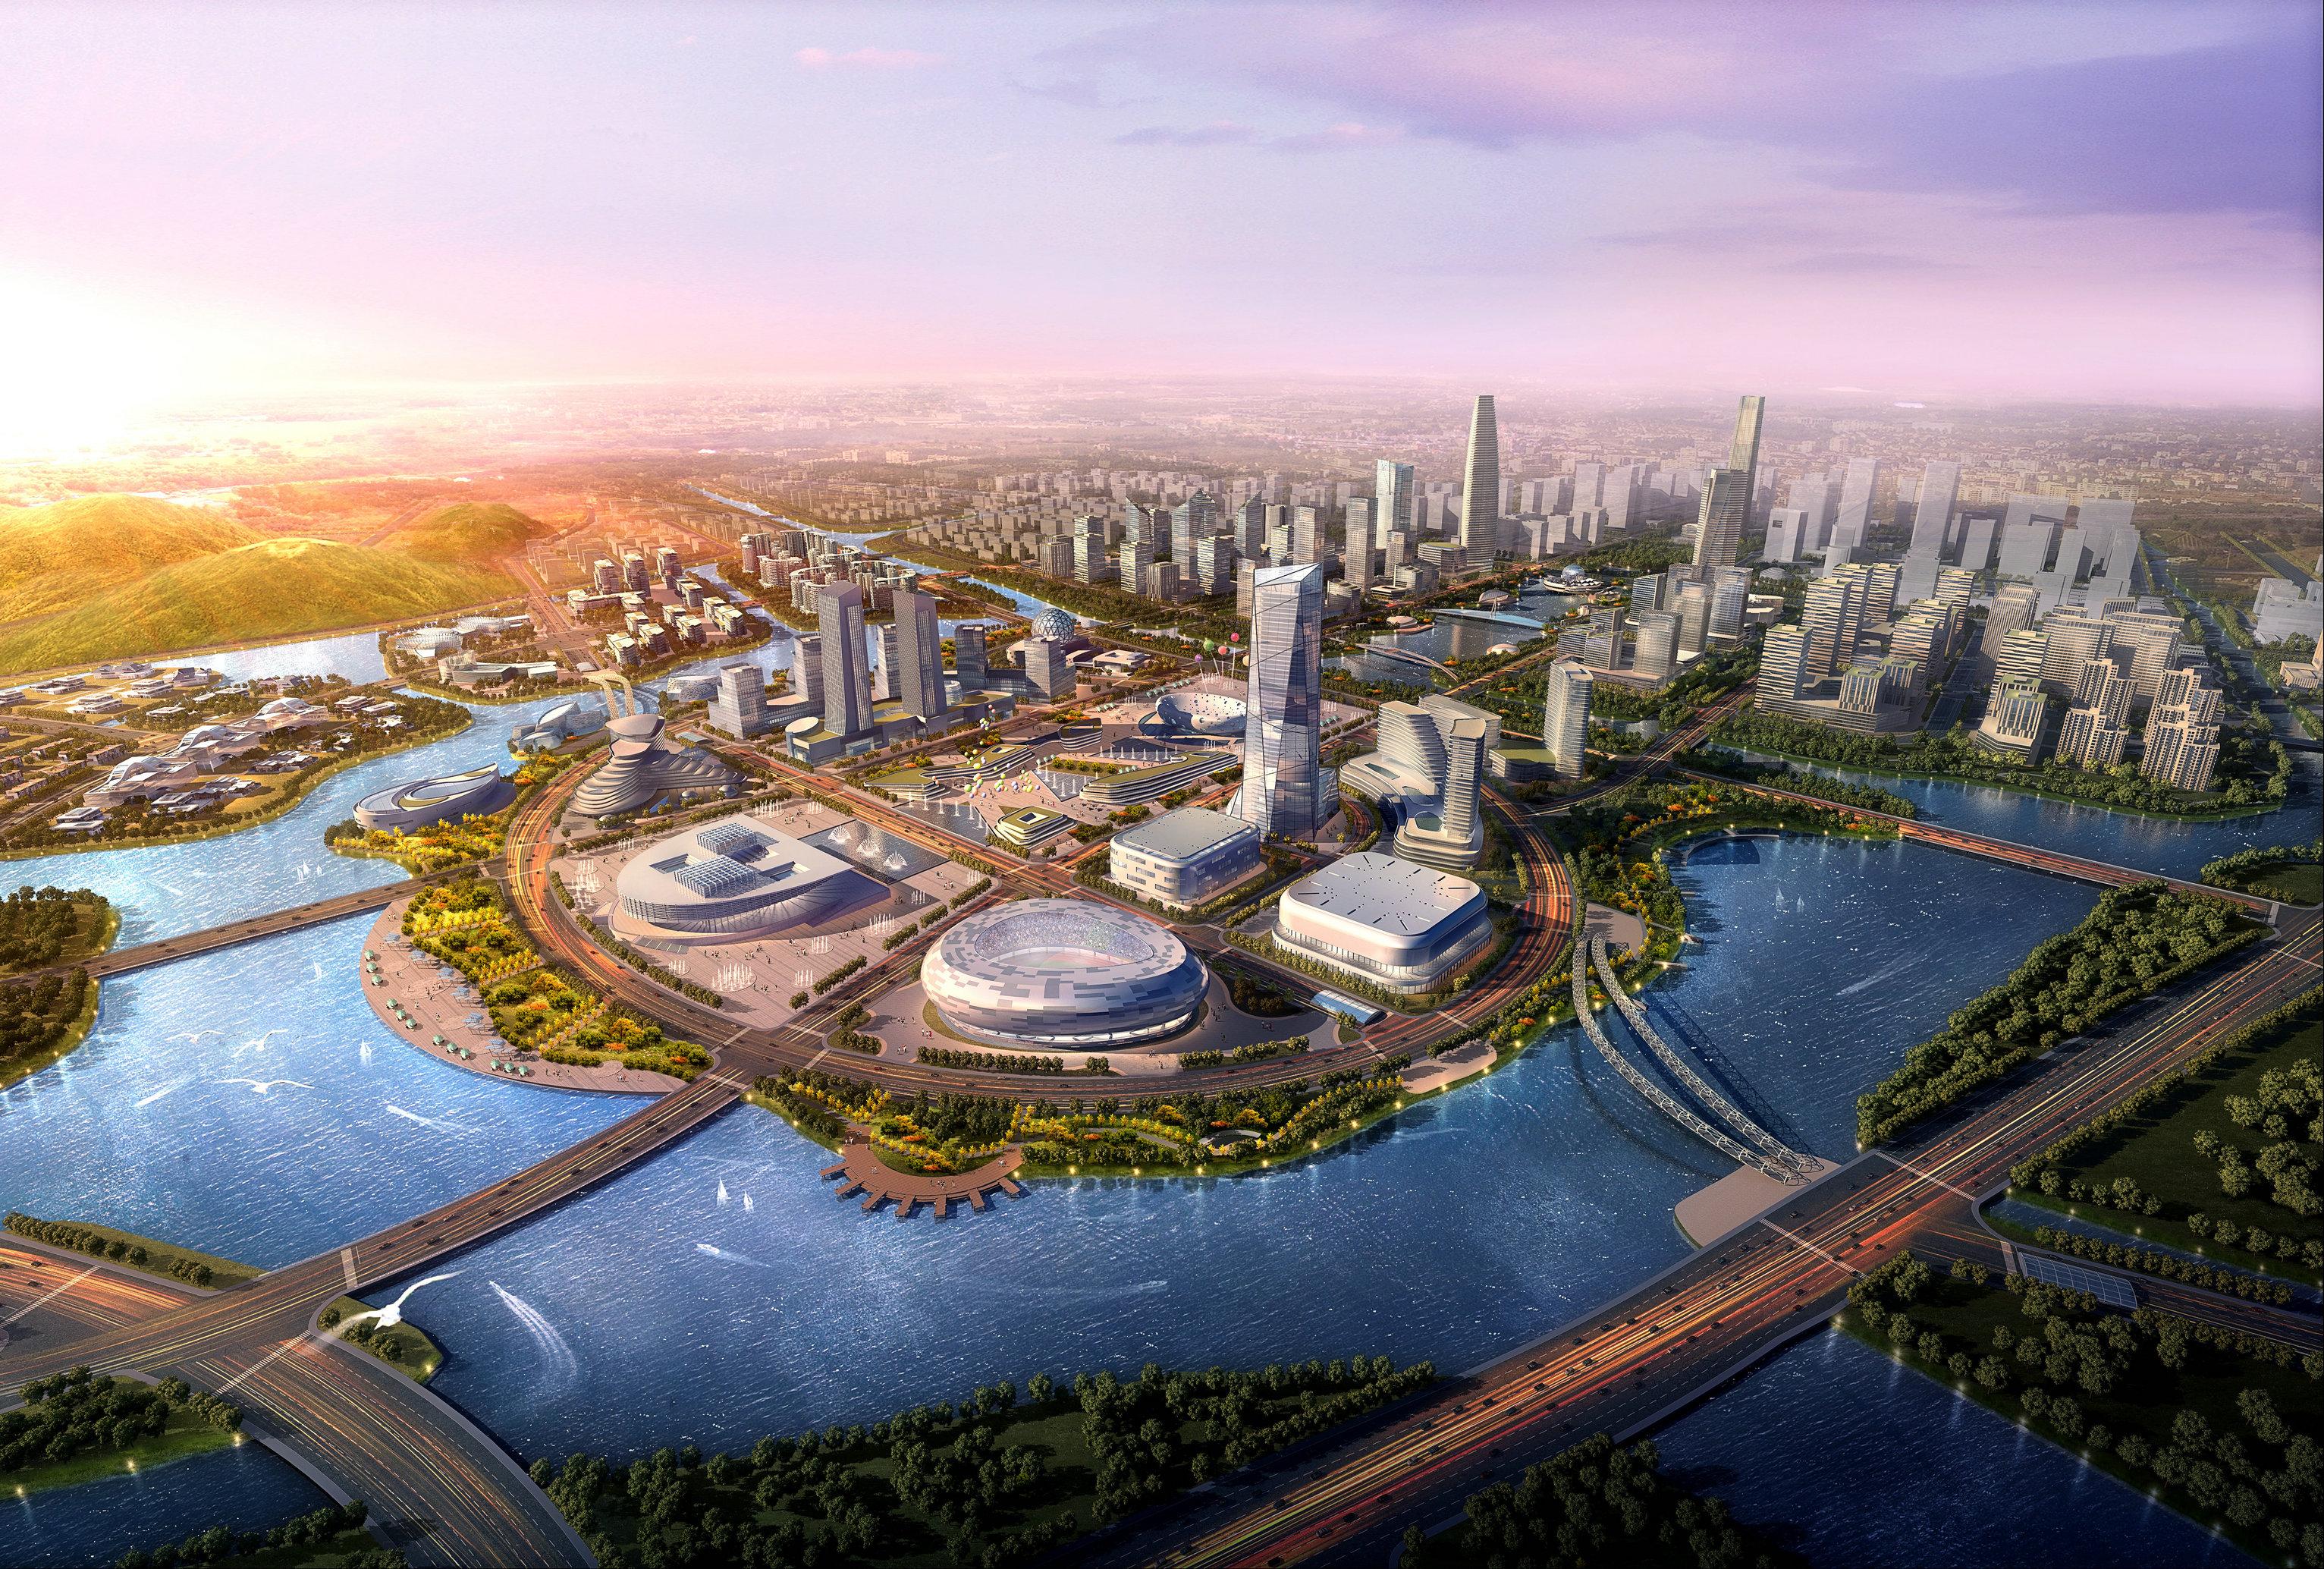 未來科技城2.0區域價值論壇|住浙網特別策劃